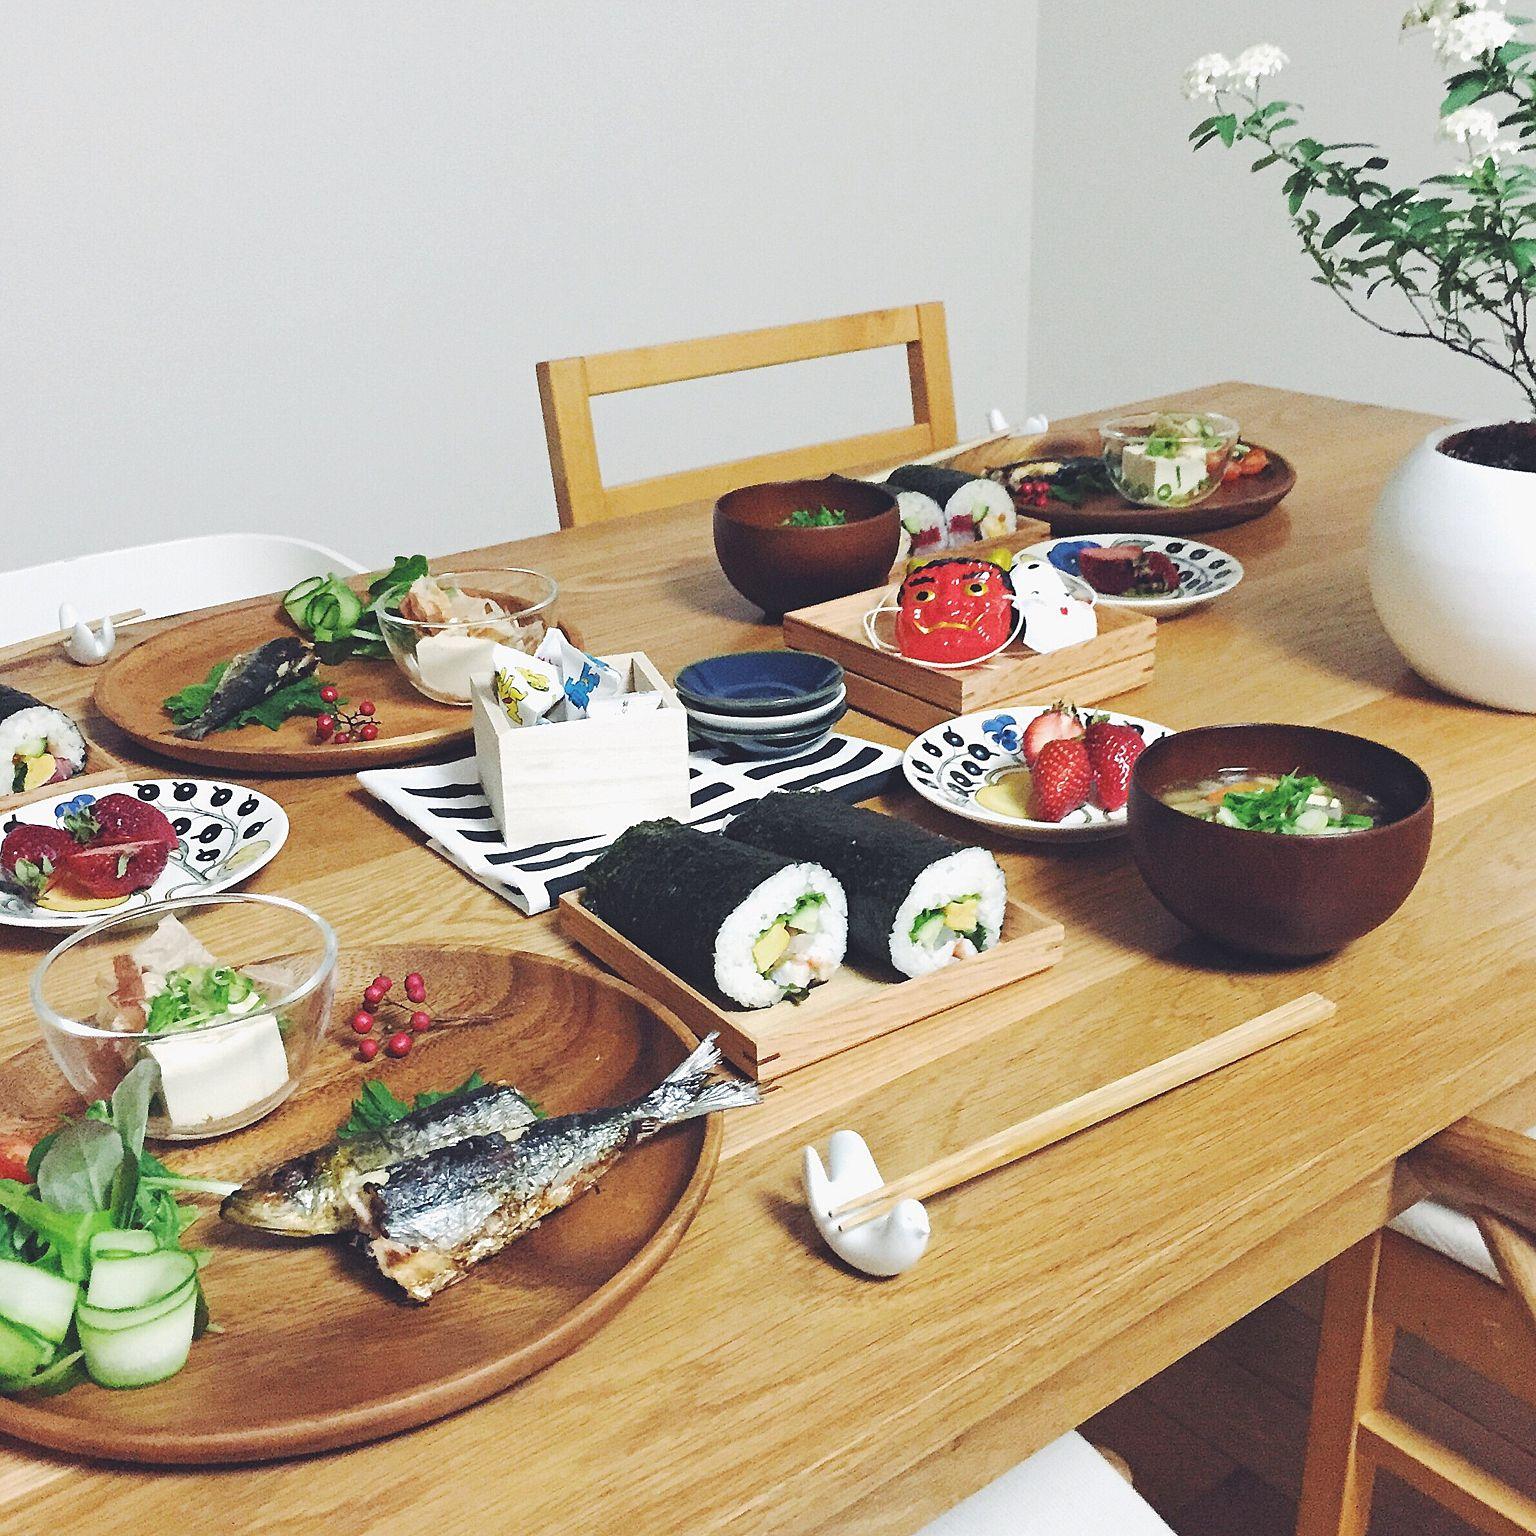 恵方巻きに合うサイドメニュー・おかず料理レシピ!子供に人気な具材は?のサムネイル画像